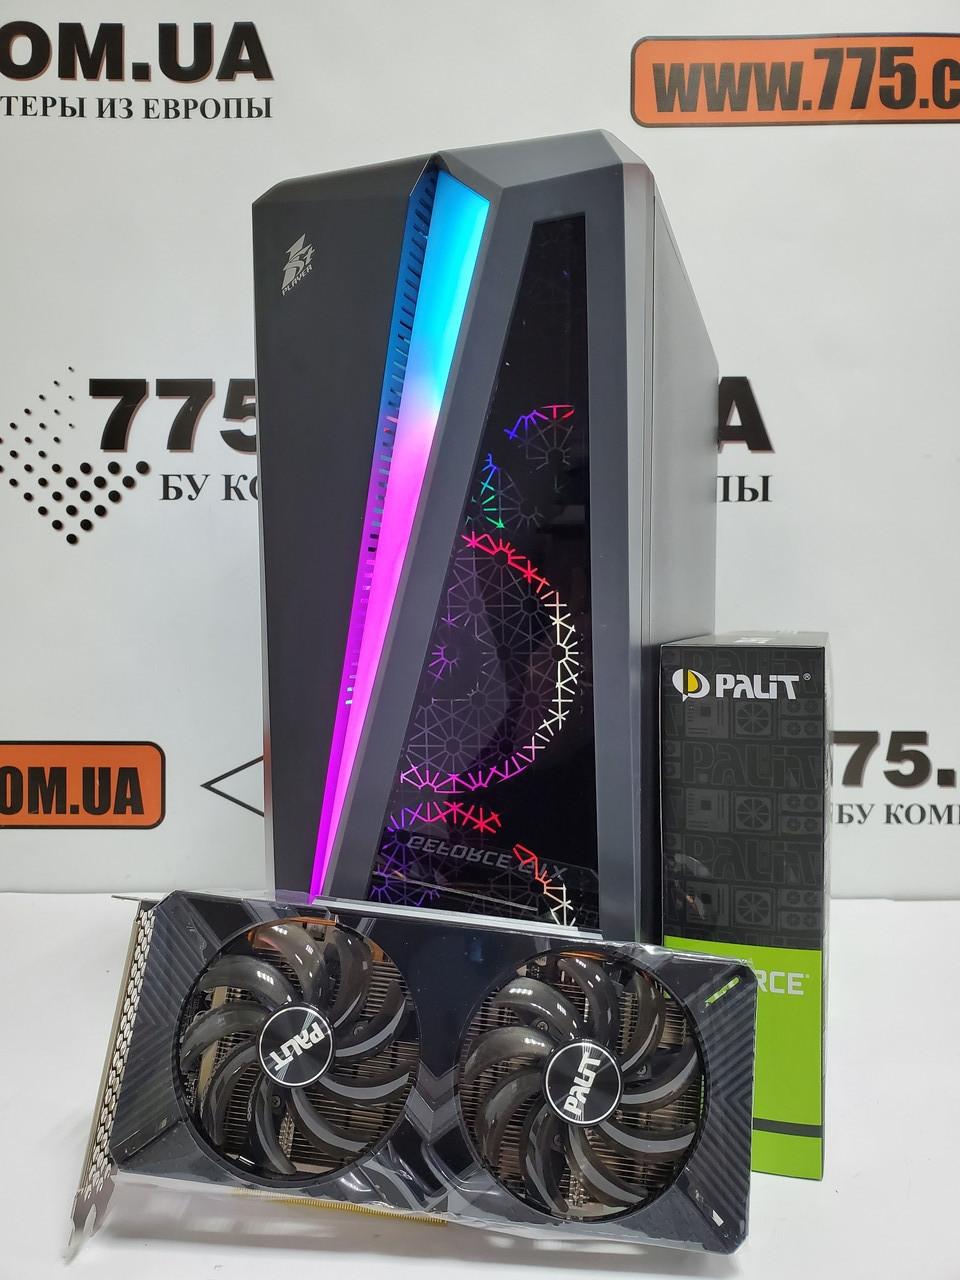 Игровой компьютер ATX, Intel Core i7-4790s 4.0GHz, RAM 8ГБ, SSD 120ГБ, HDD 500ГБ, GTX 1660 6GB GDDR5